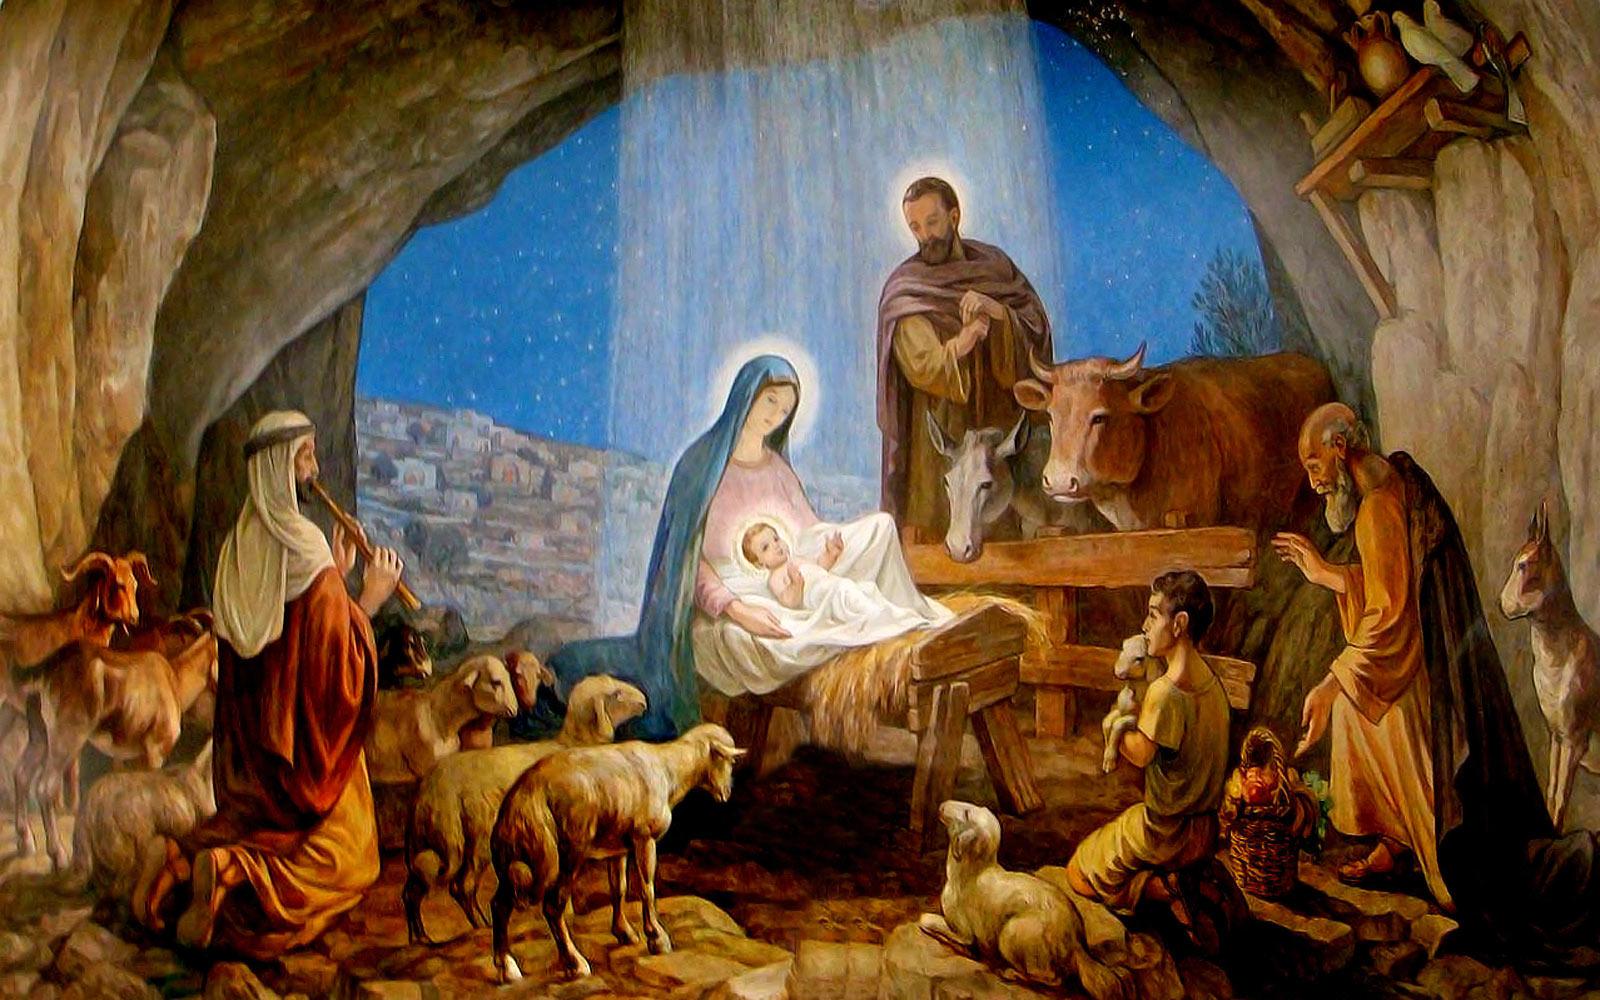 Immagini Di Gesu Bambino Natale.Noivastesi Dicembre O Ottobre Ipotesi Sulla Data Di